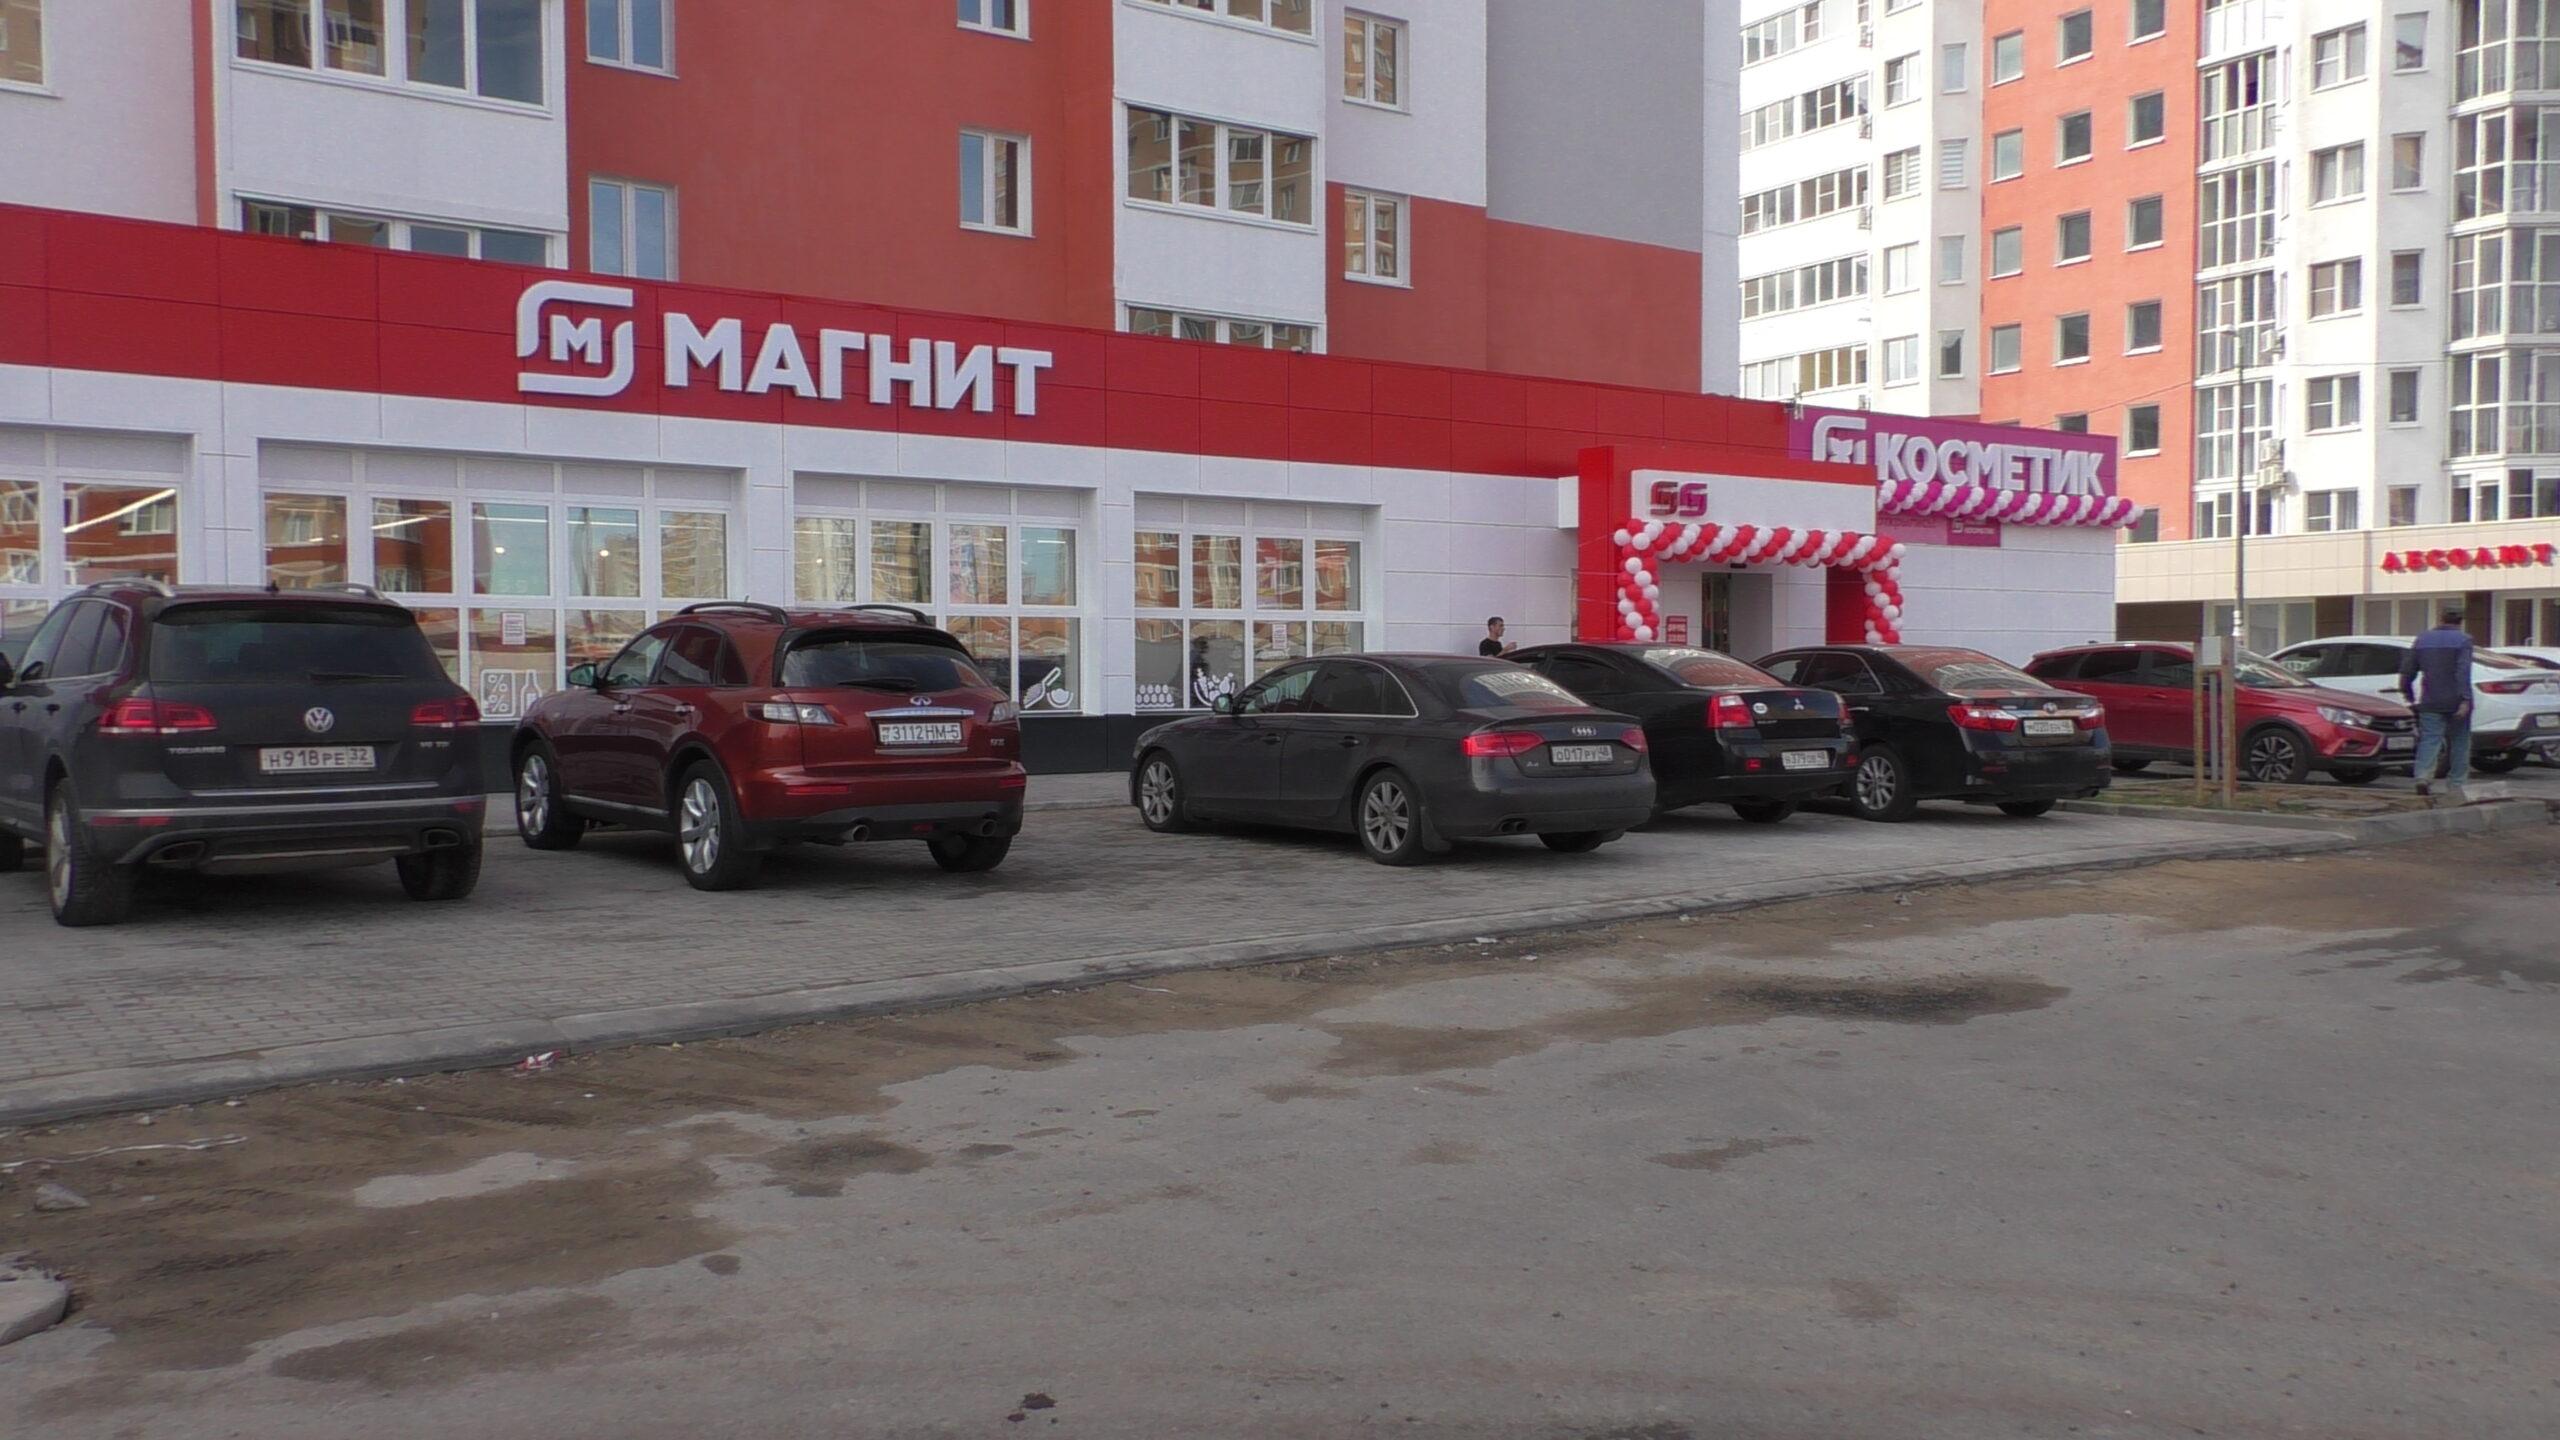 """В ЖК """"Победа"""" прошло открытие сразу двух магазинов """"Магнит"""": продуктового и косметики"""